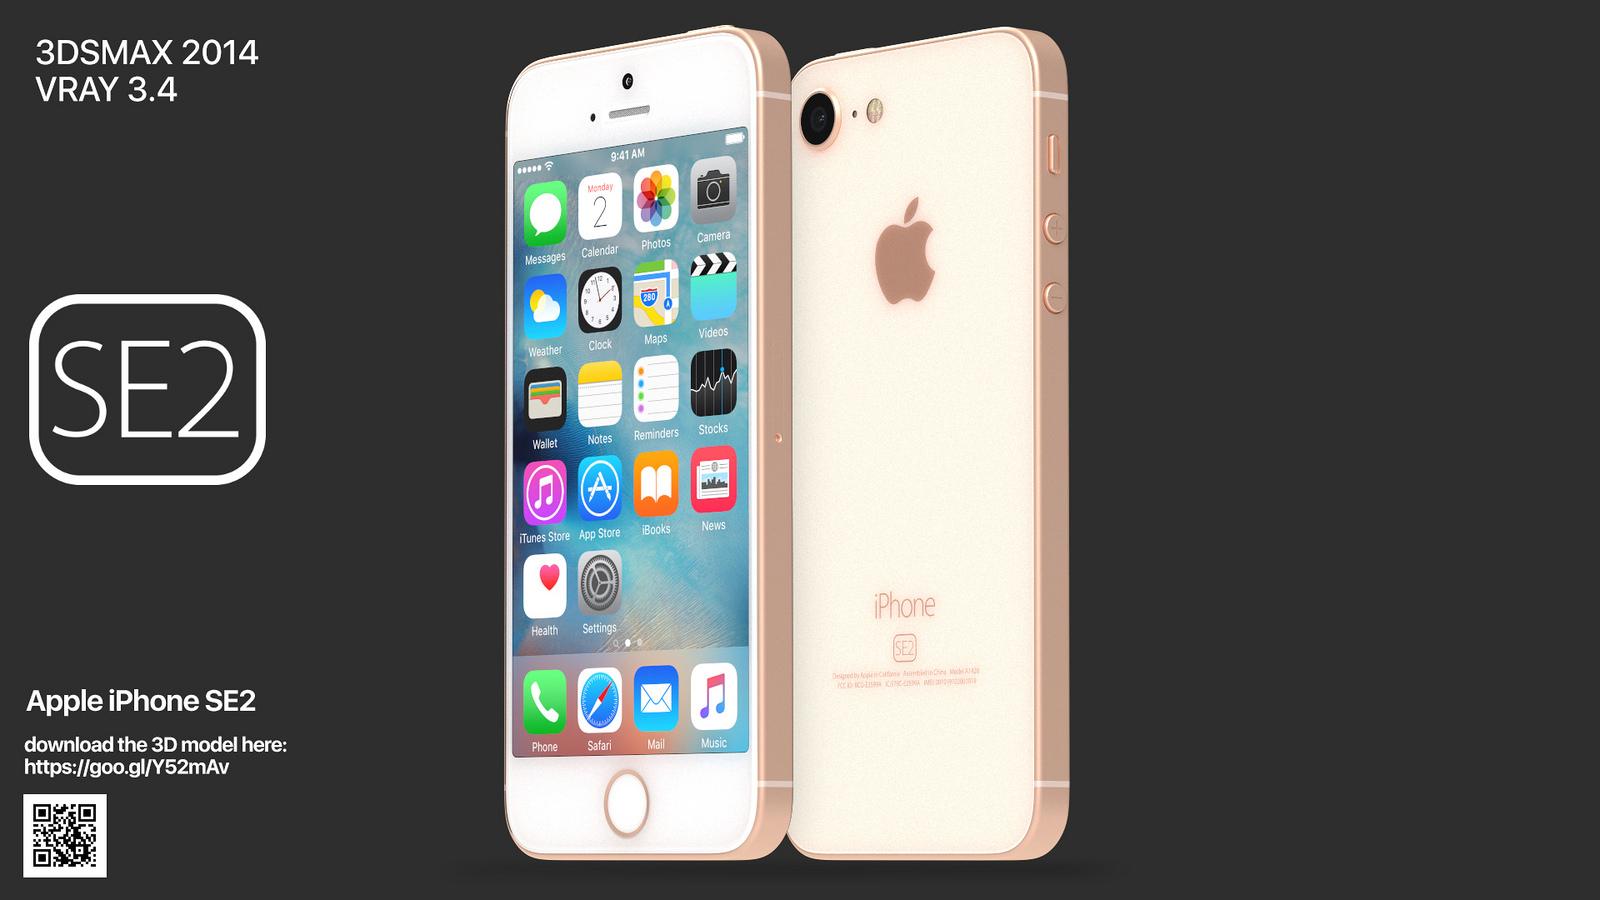 iPhone SE2?「iPhone xx(iPhone 9,7)」の存在が確認される